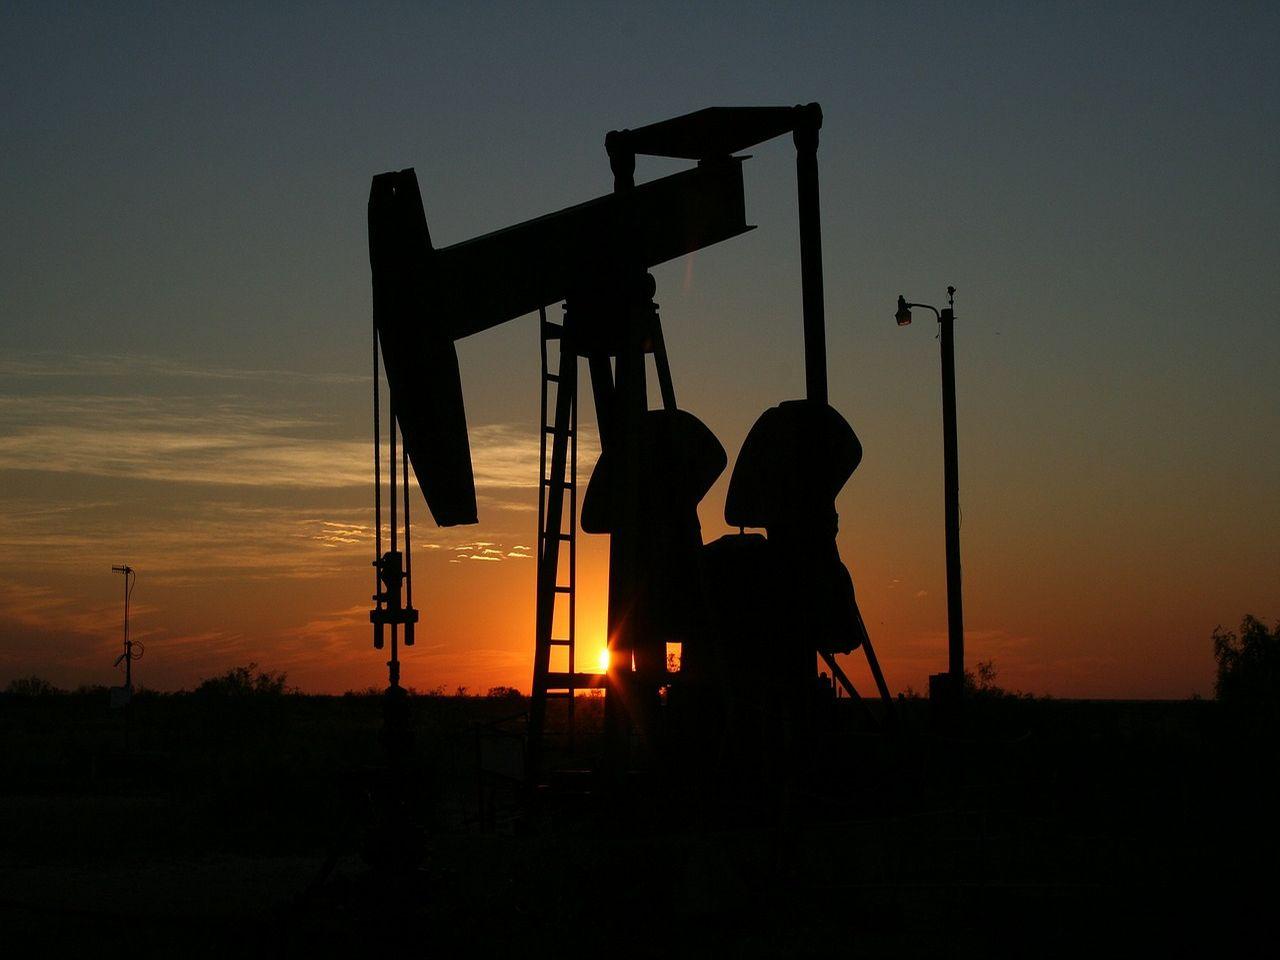 Vývoj cen ropy pod drobnohledem